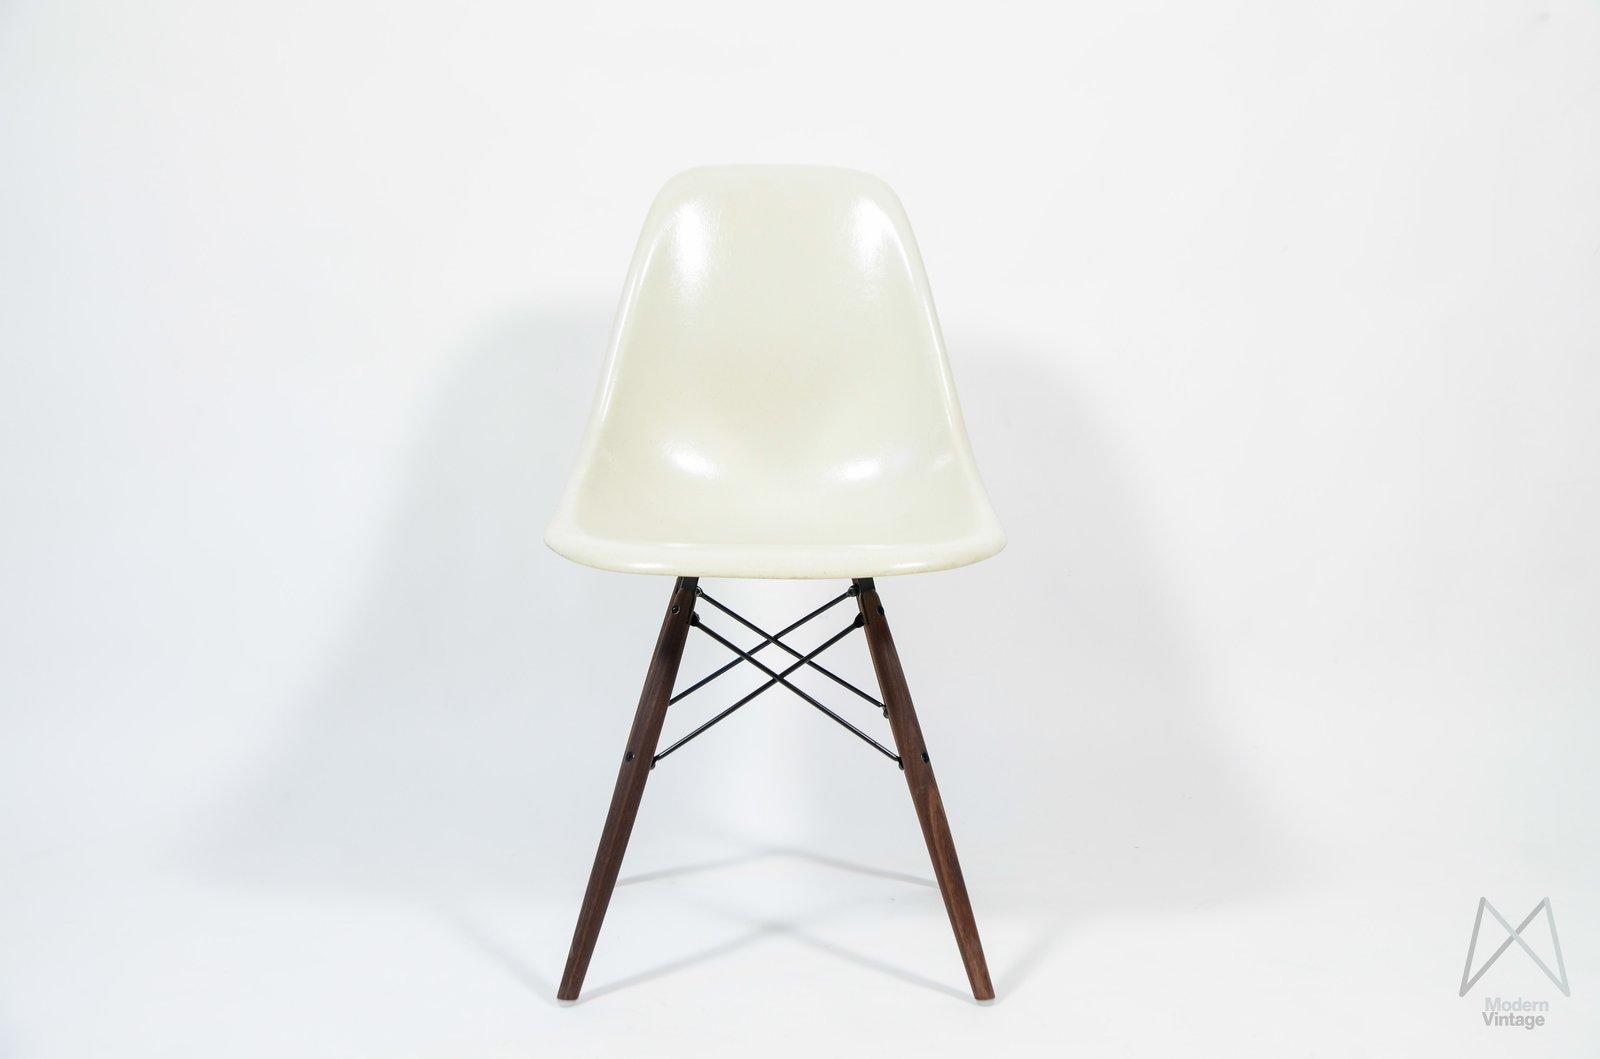 Charles Eames Stoel : Modern vintage amsterdam original eames furniture u eames herman